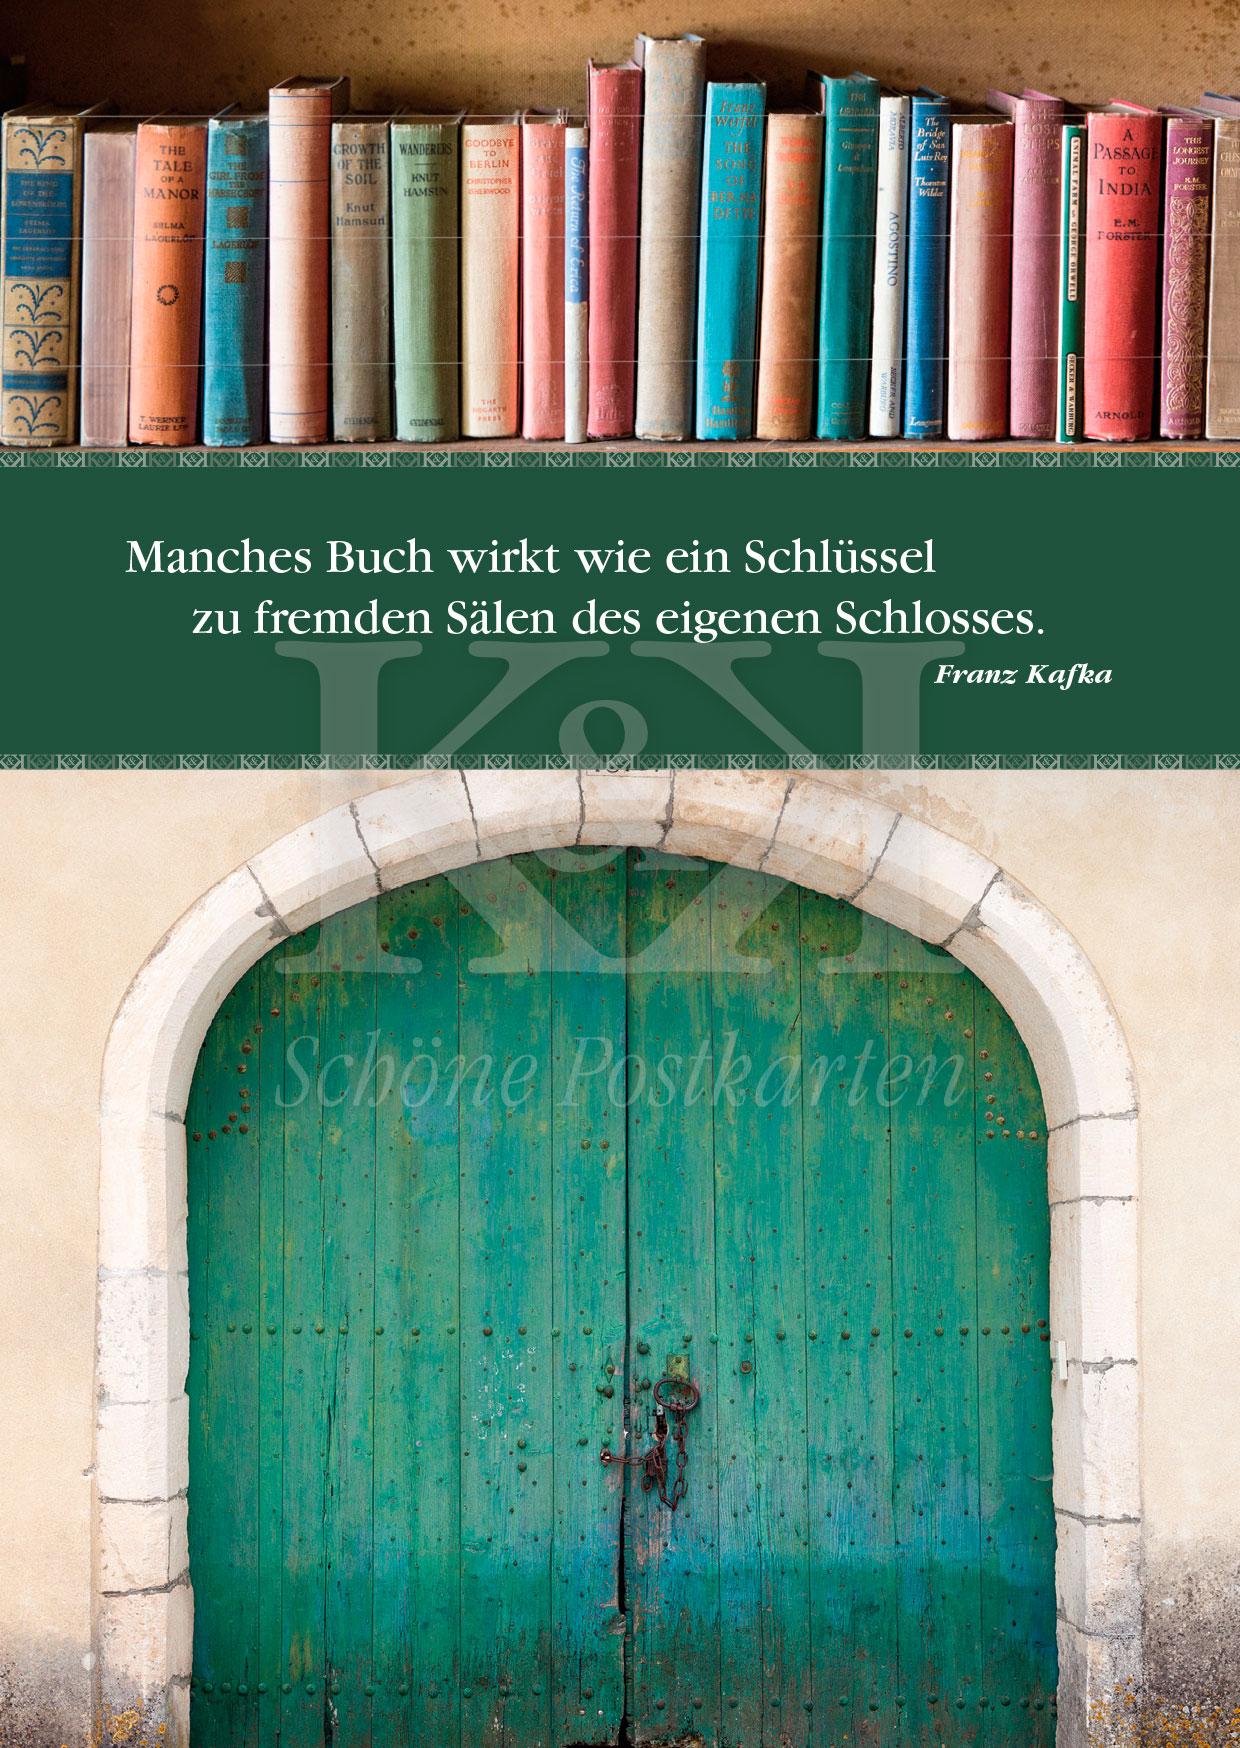 Schöne Postkarte Nr. 173 · Franz Kafka: Bücher sind Schlüssel © 2018